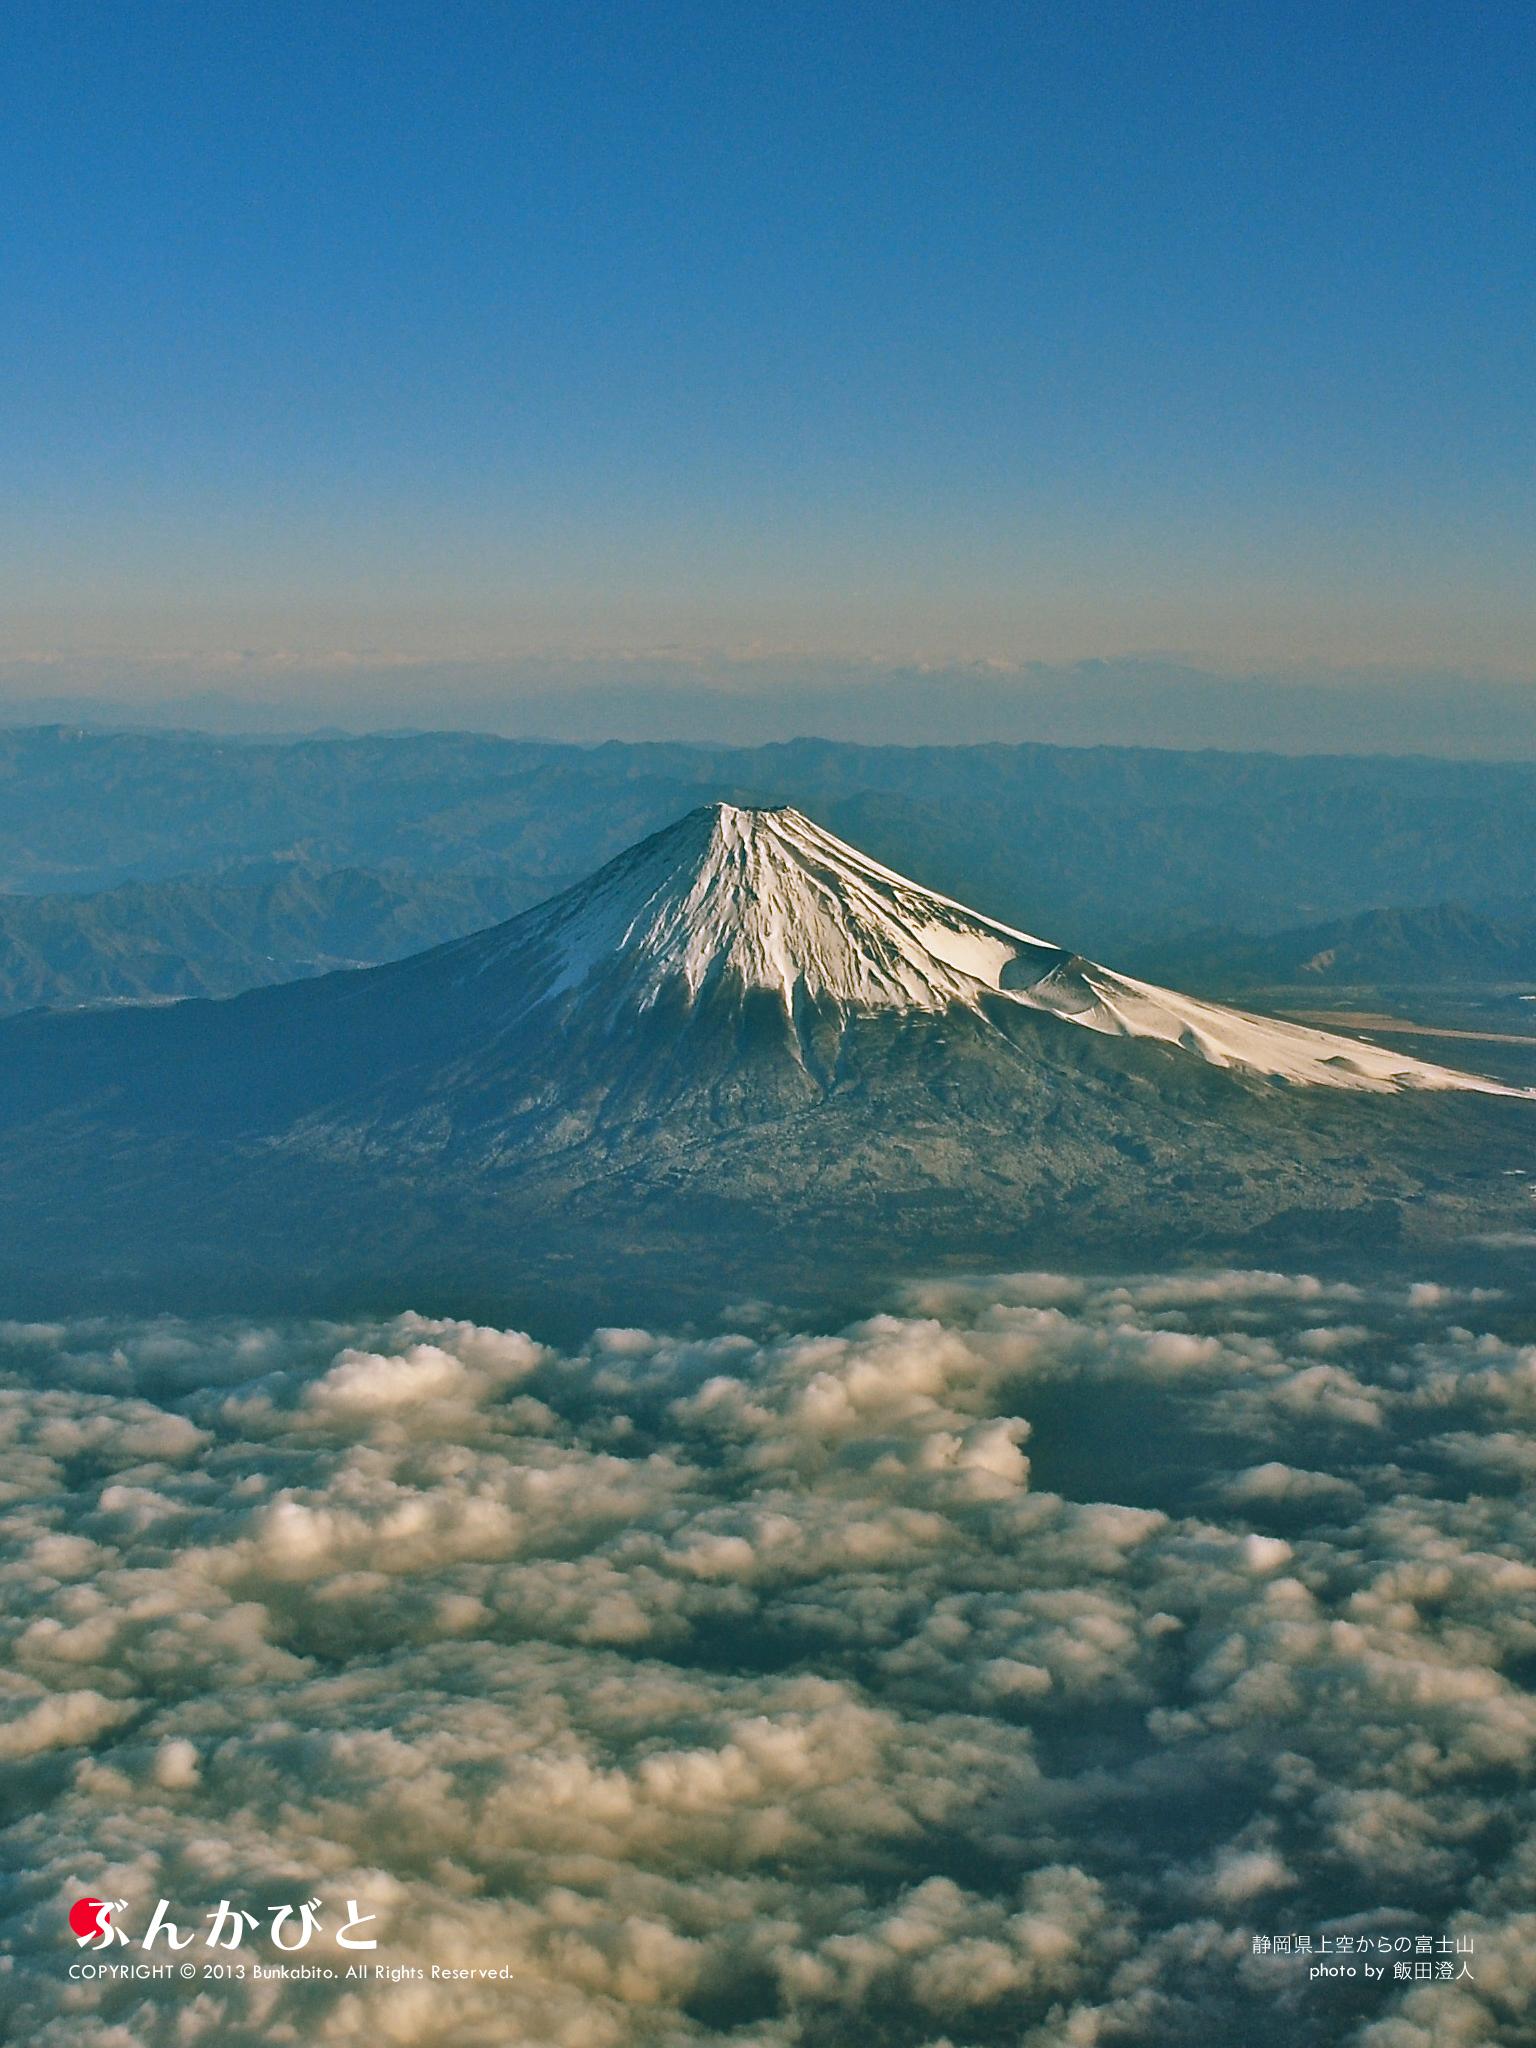 壁紙ダウンロード 静岡県上空からの富士山 ぶんかびと